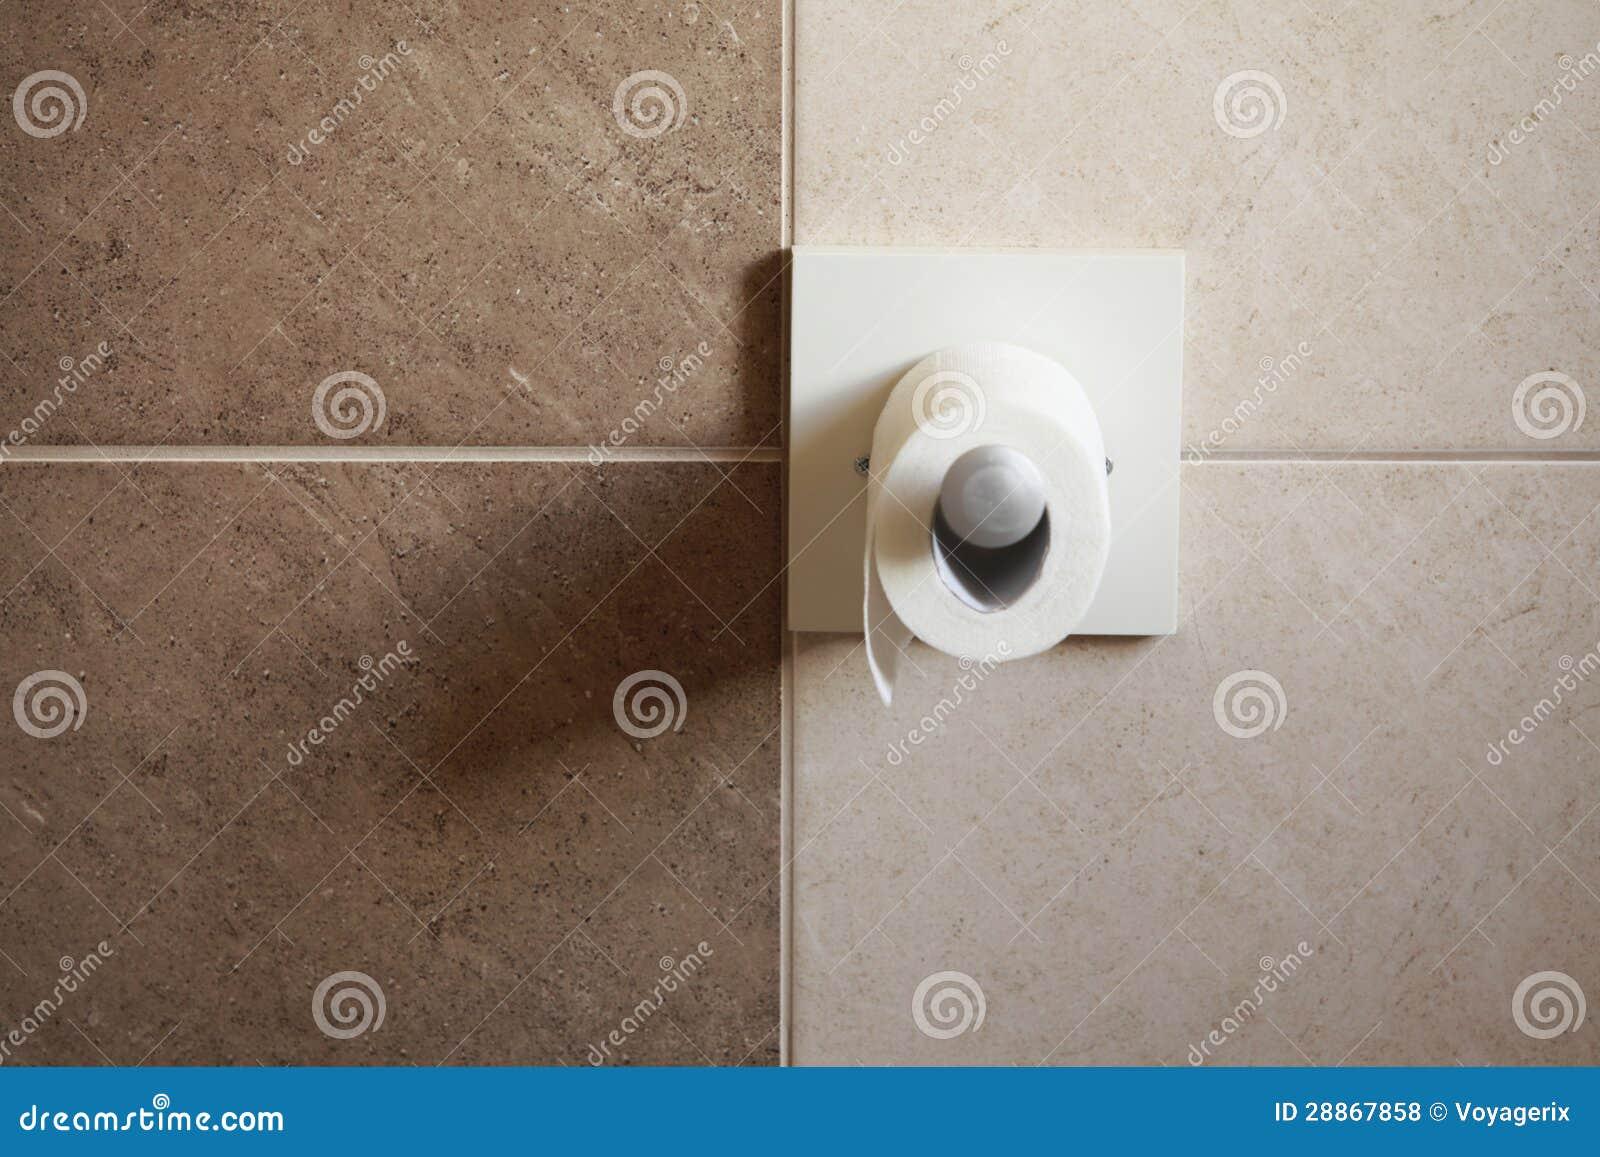 Pappers  rulle för toalett i badrum royaltyfria foton   bild: 28867858